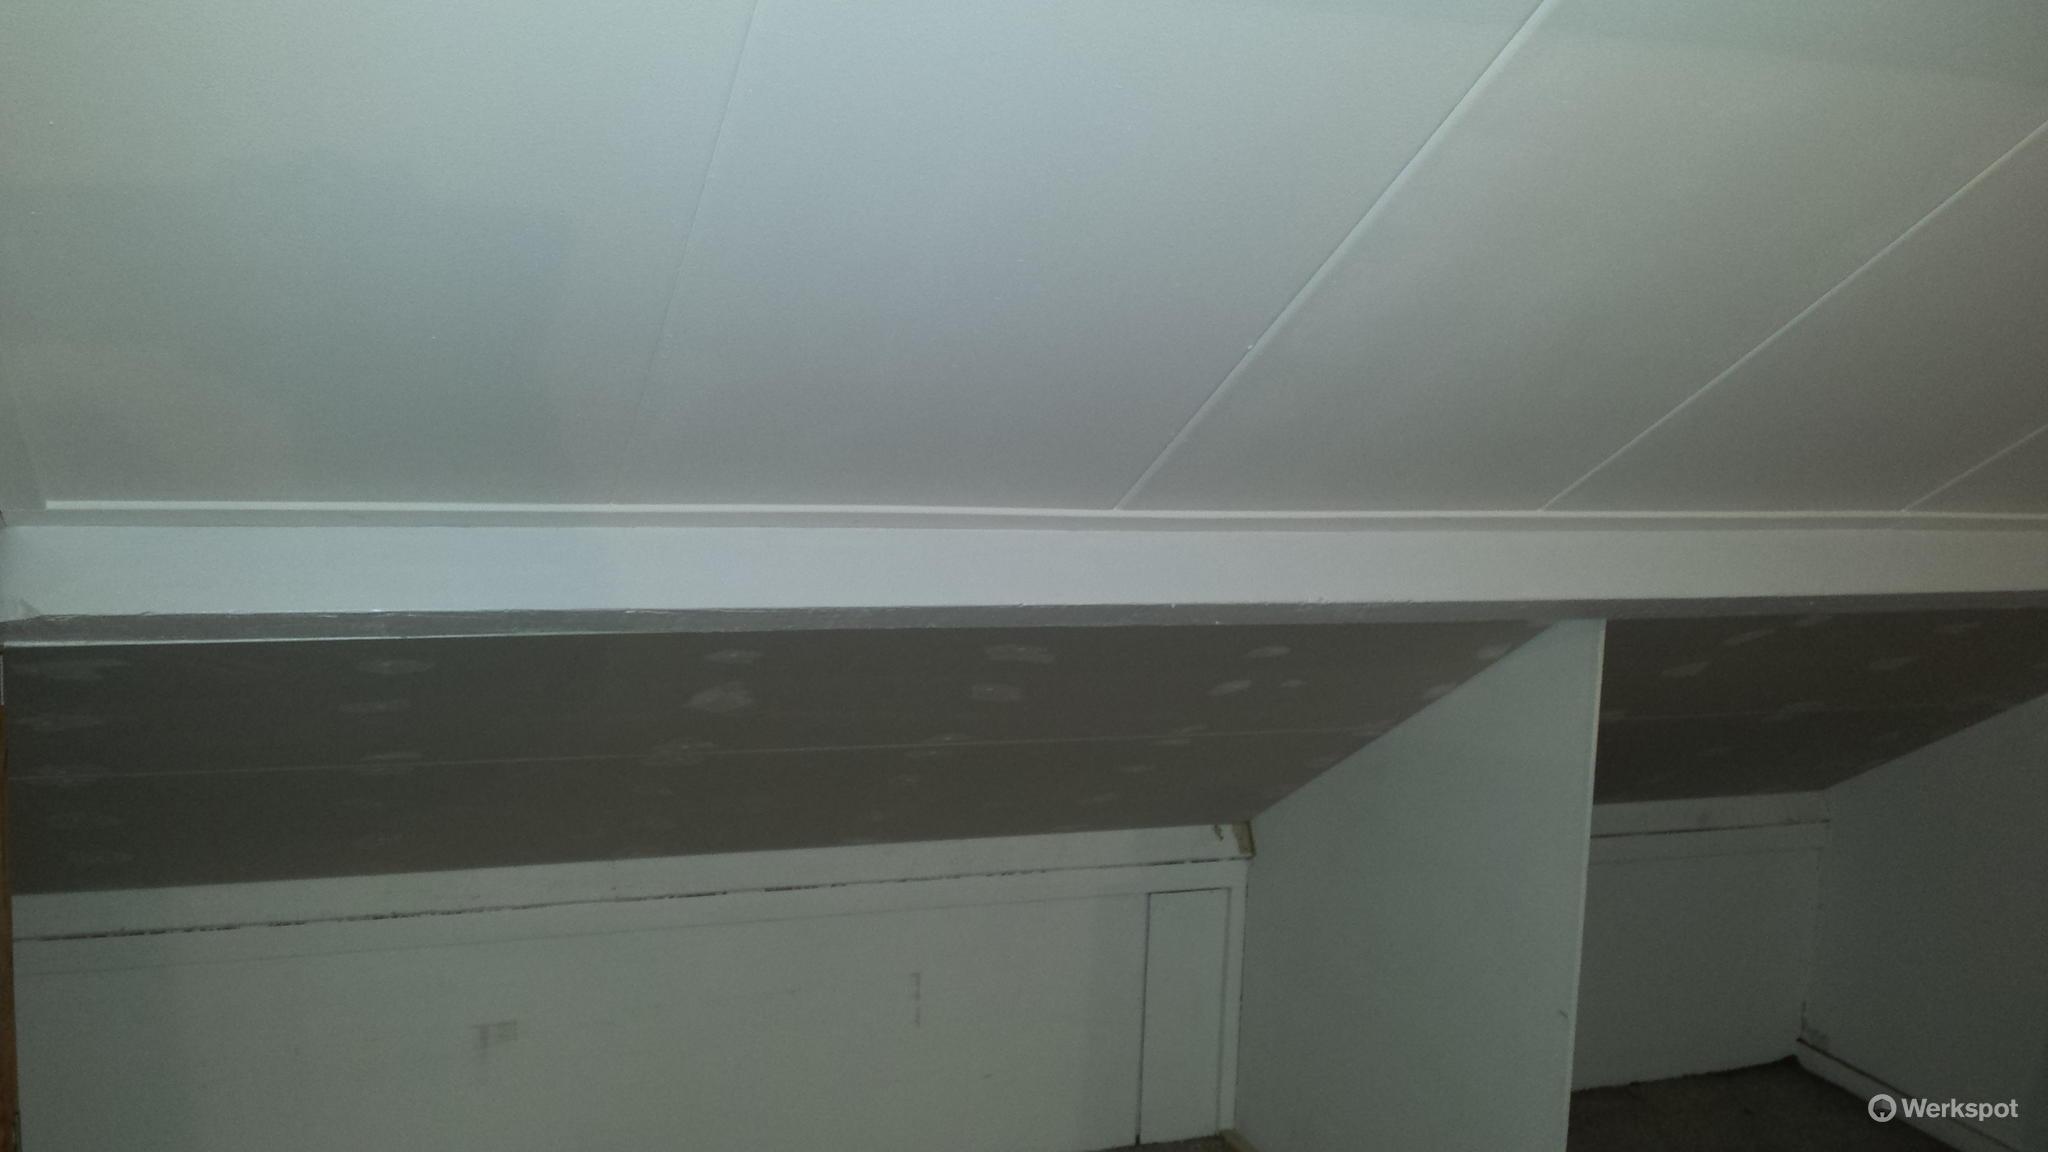 Populair Zachtboard plafonds verwijderen en nieuwe plafonds inbouwen - Werkspot ZK68